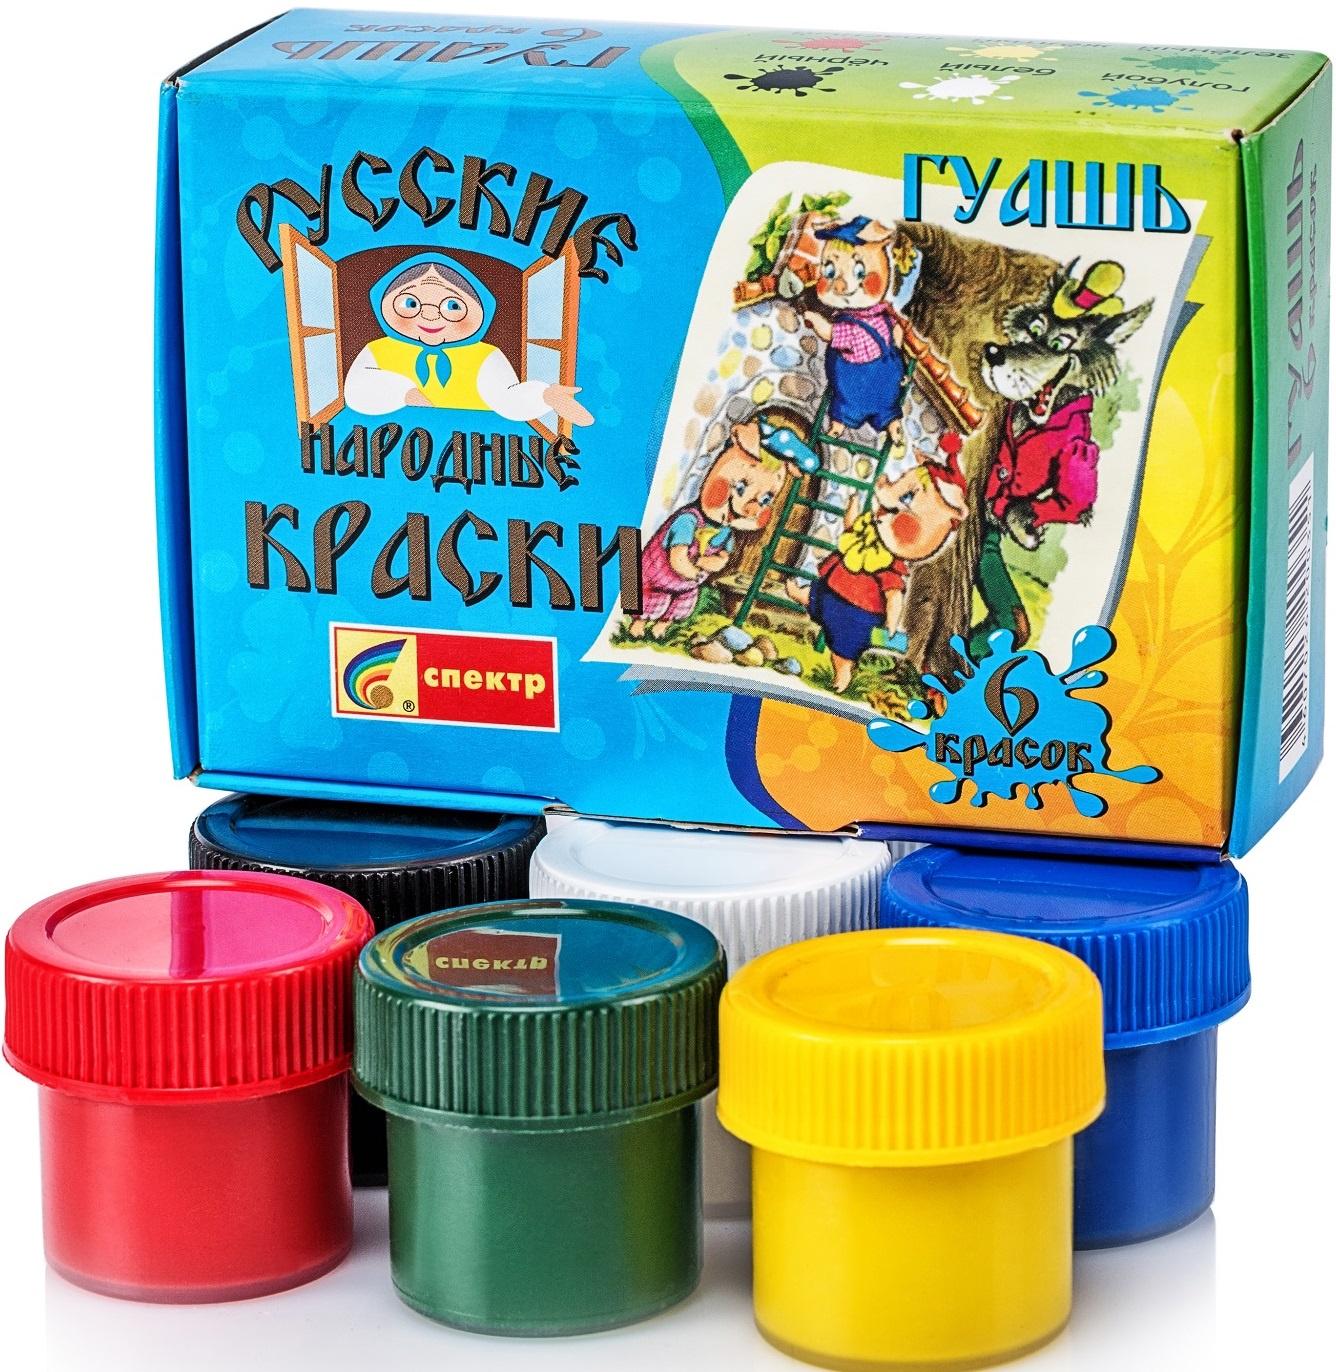 Гуашь Спектр набор 6 цветов Русские народные краски, белый, голубой, желтый, зеленый, красный, черный активные игры спектр кегли спектр